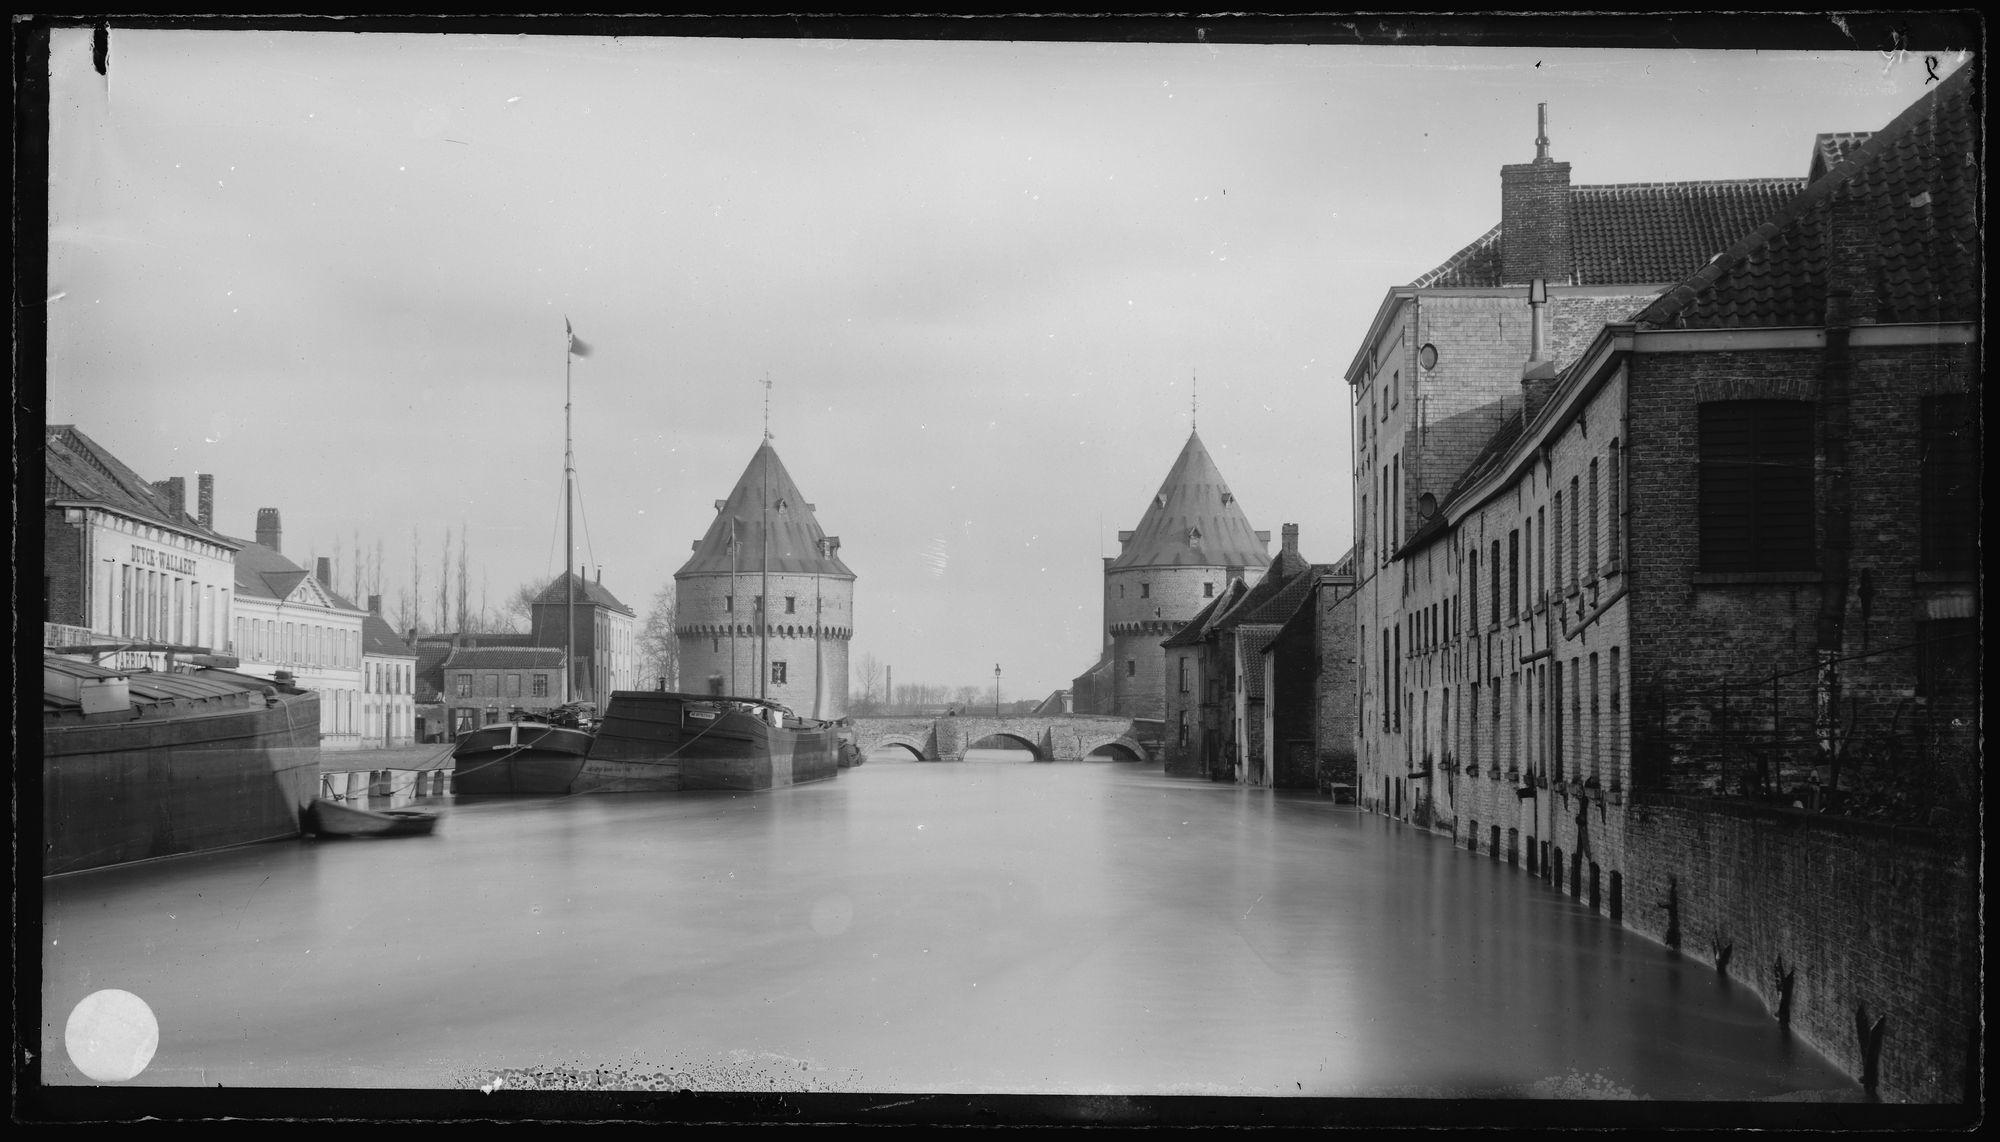 Broeltorens tijdens overstroming in 1885